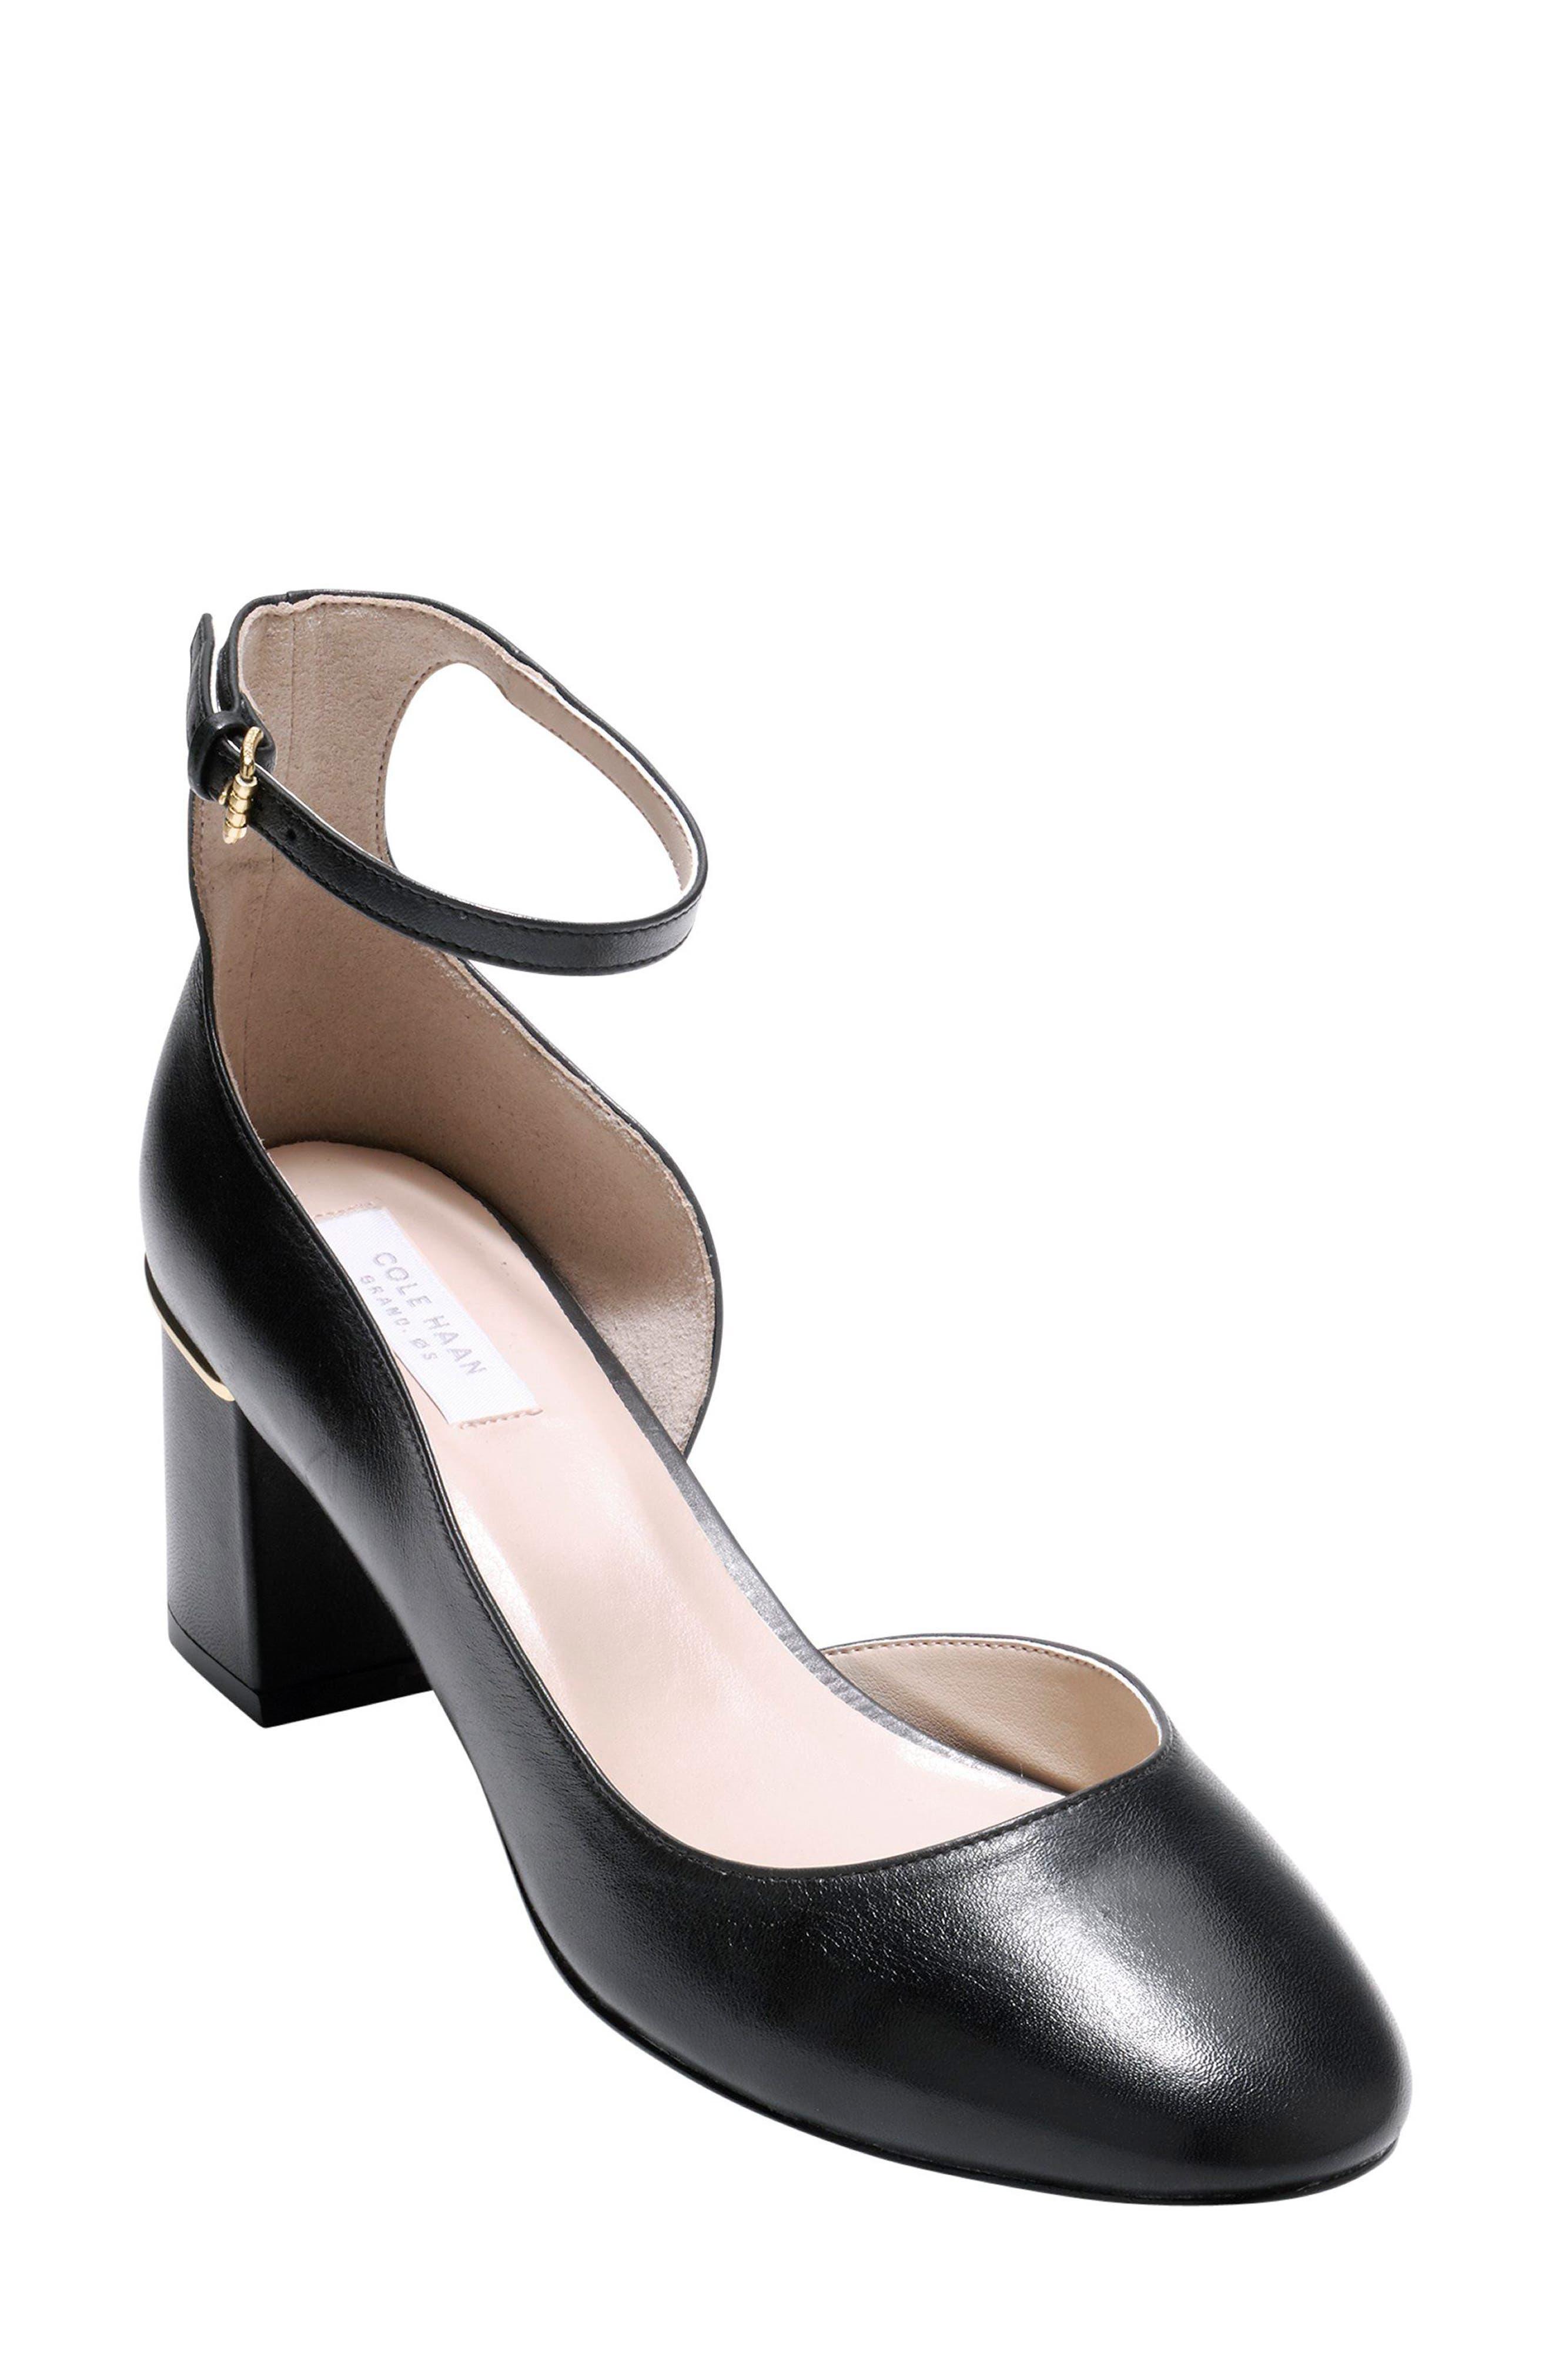 Warner Ankle Strap Pump,                         Main,                         color, Black Leather